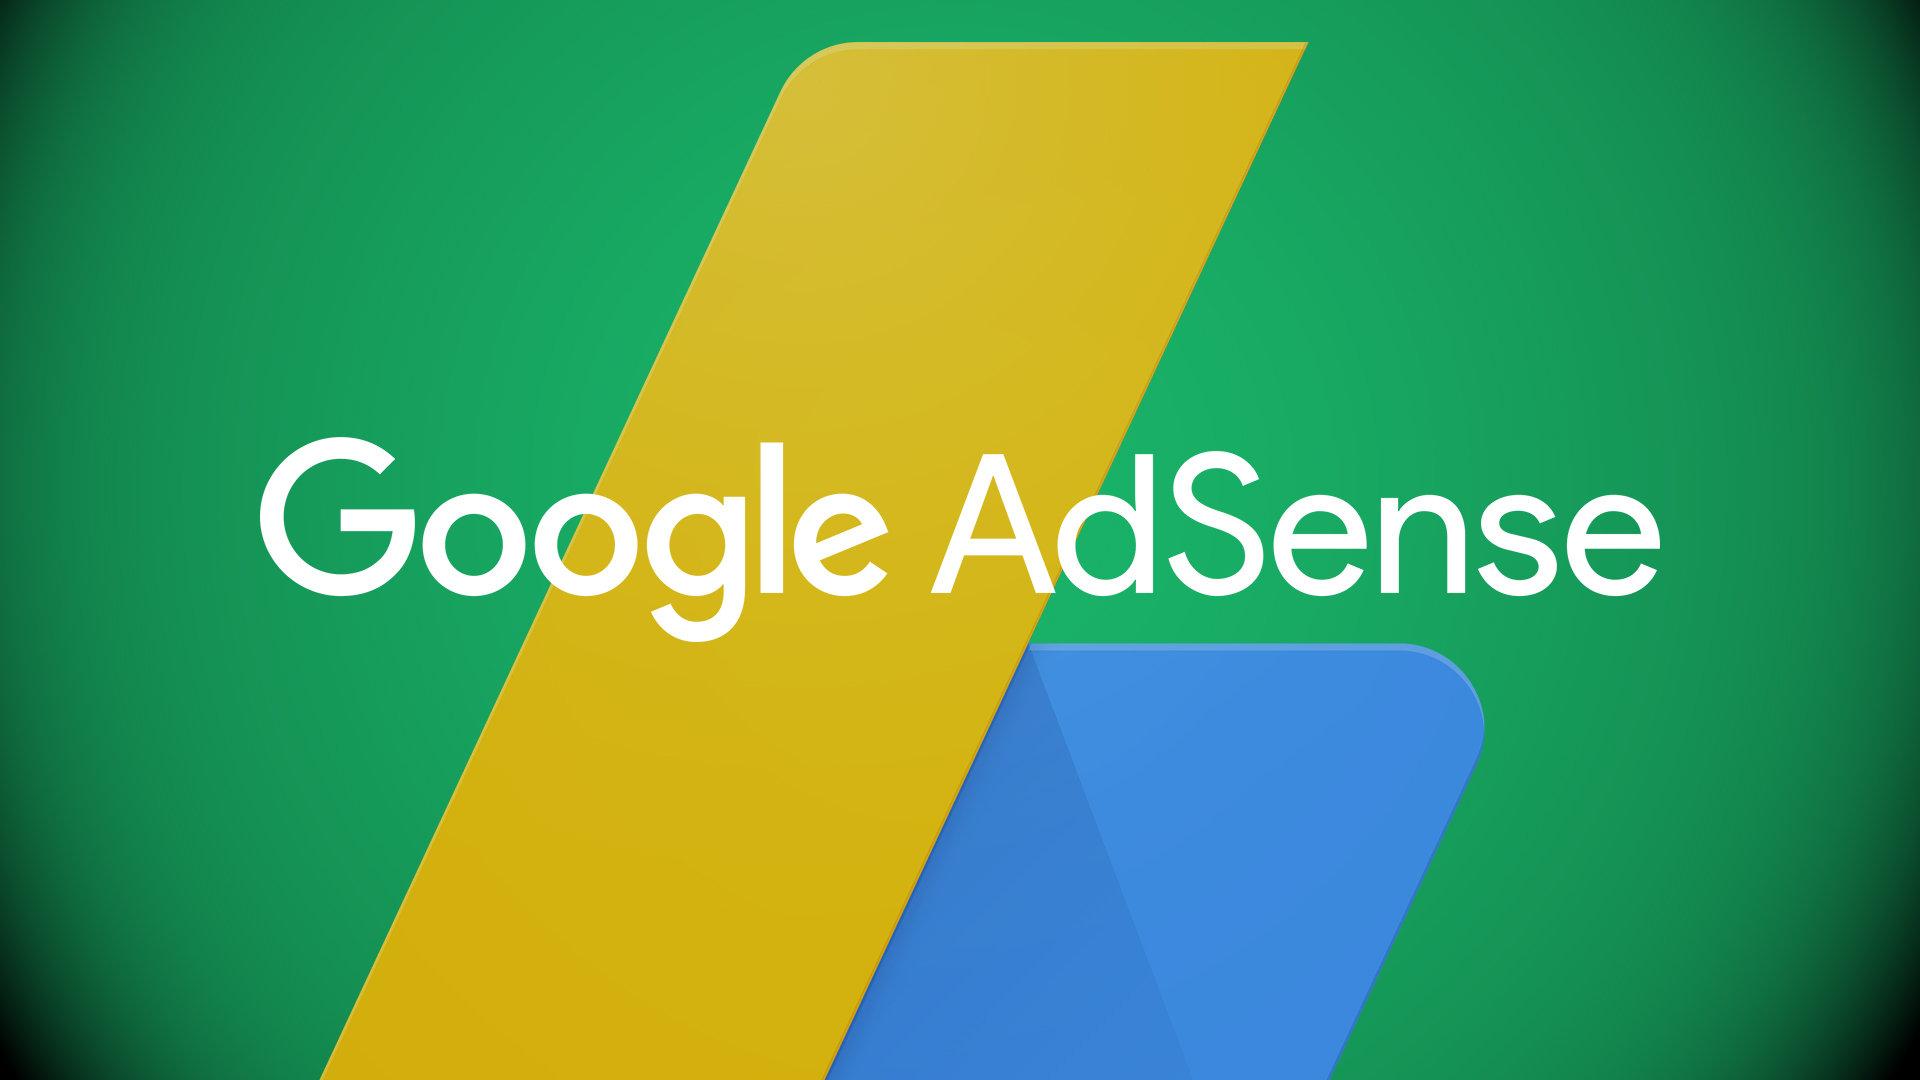 谷歌广告联盟 Google Adsense 最赚钱的CPC广告关键词汇总